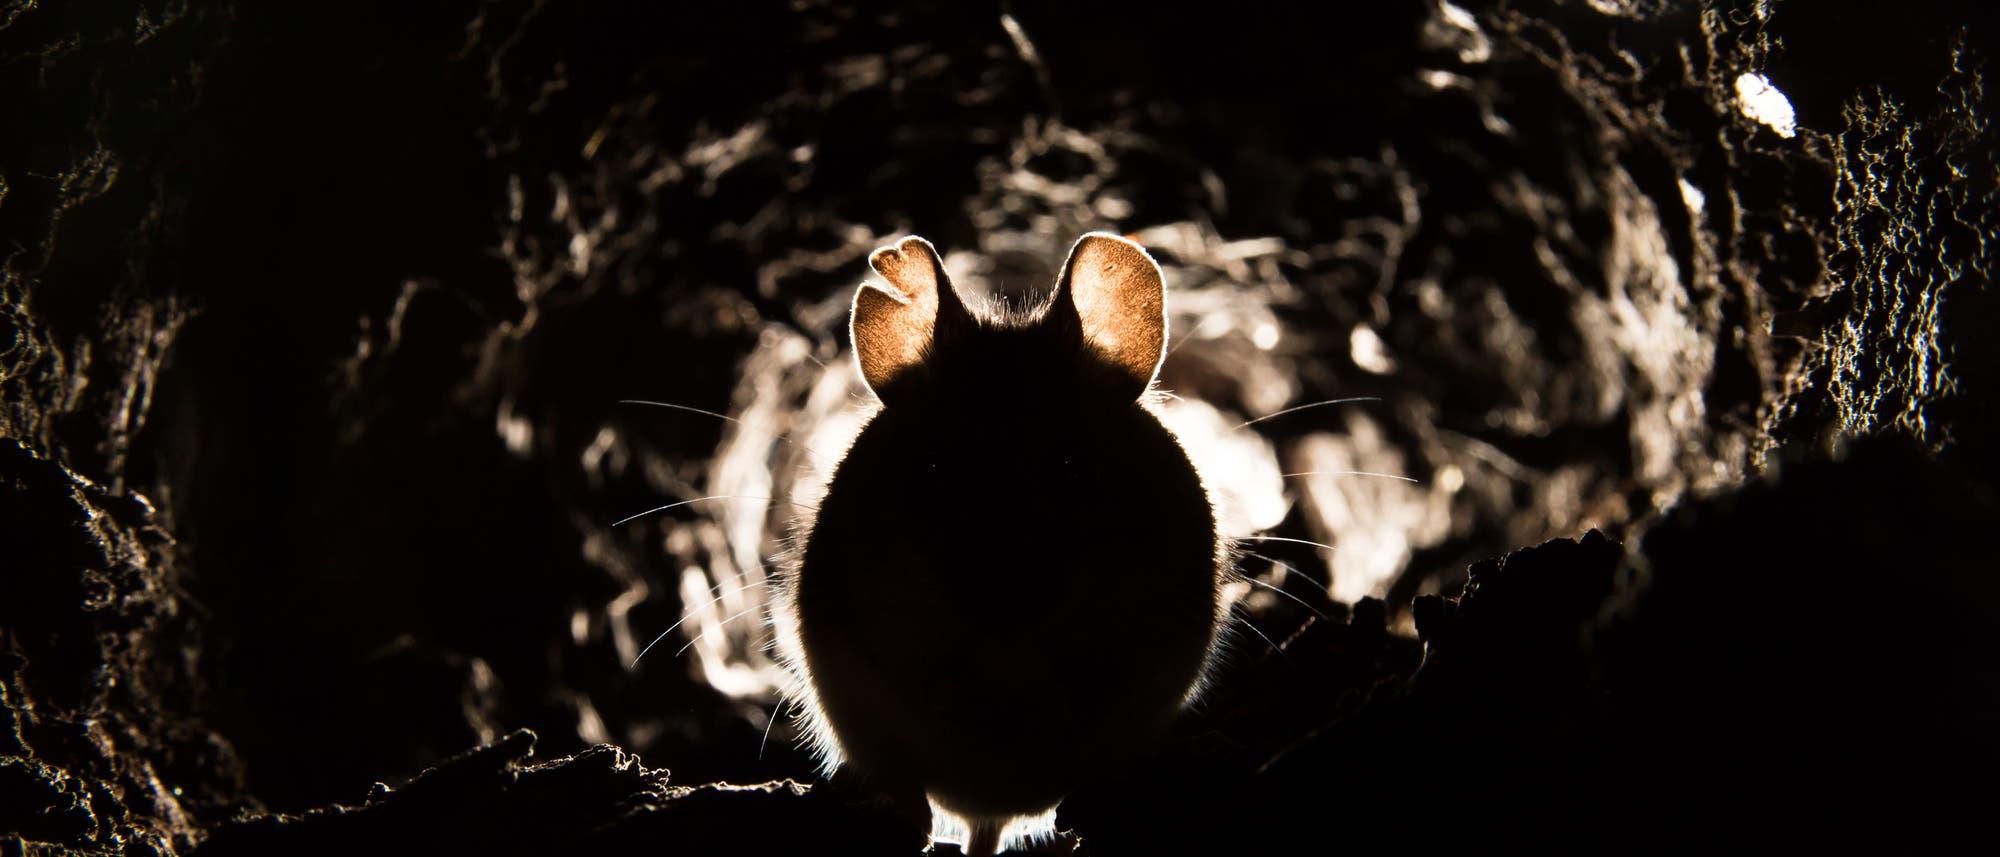 Eine Maus sieht im düsteren Licht zum Fürchten aus